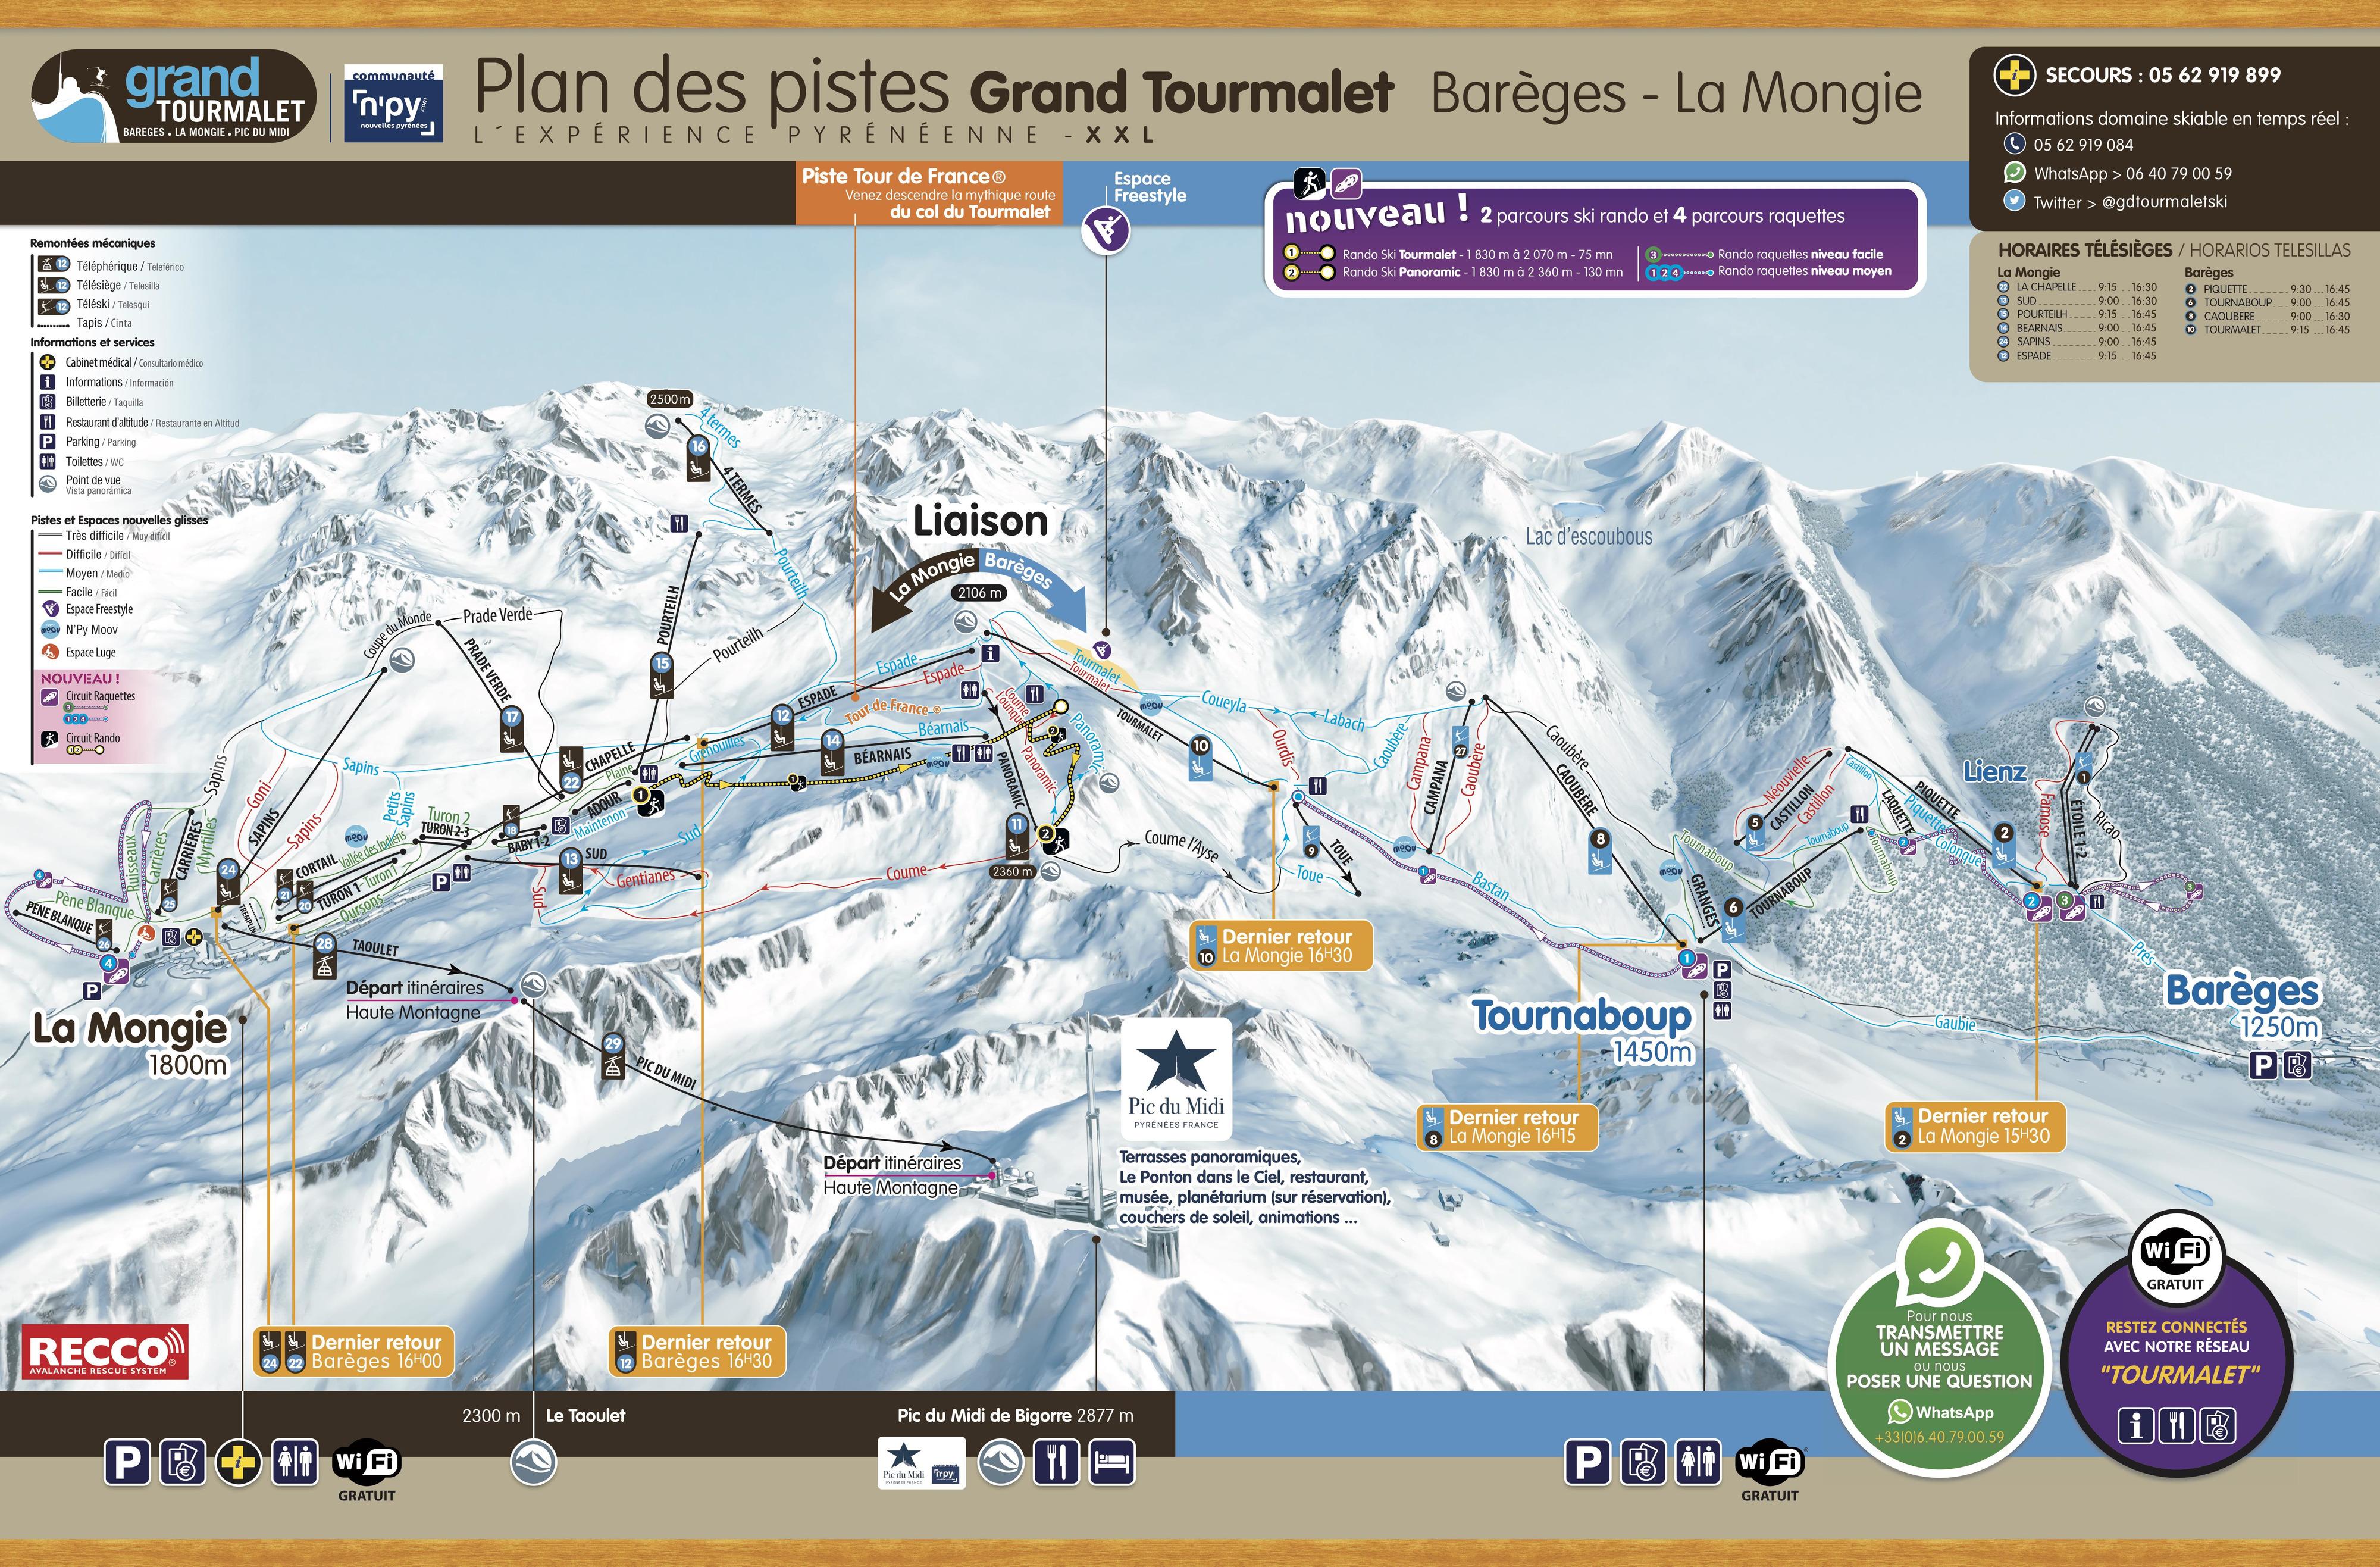 plan des pistes Grand Tourmalet (Barèges - La Mongie)